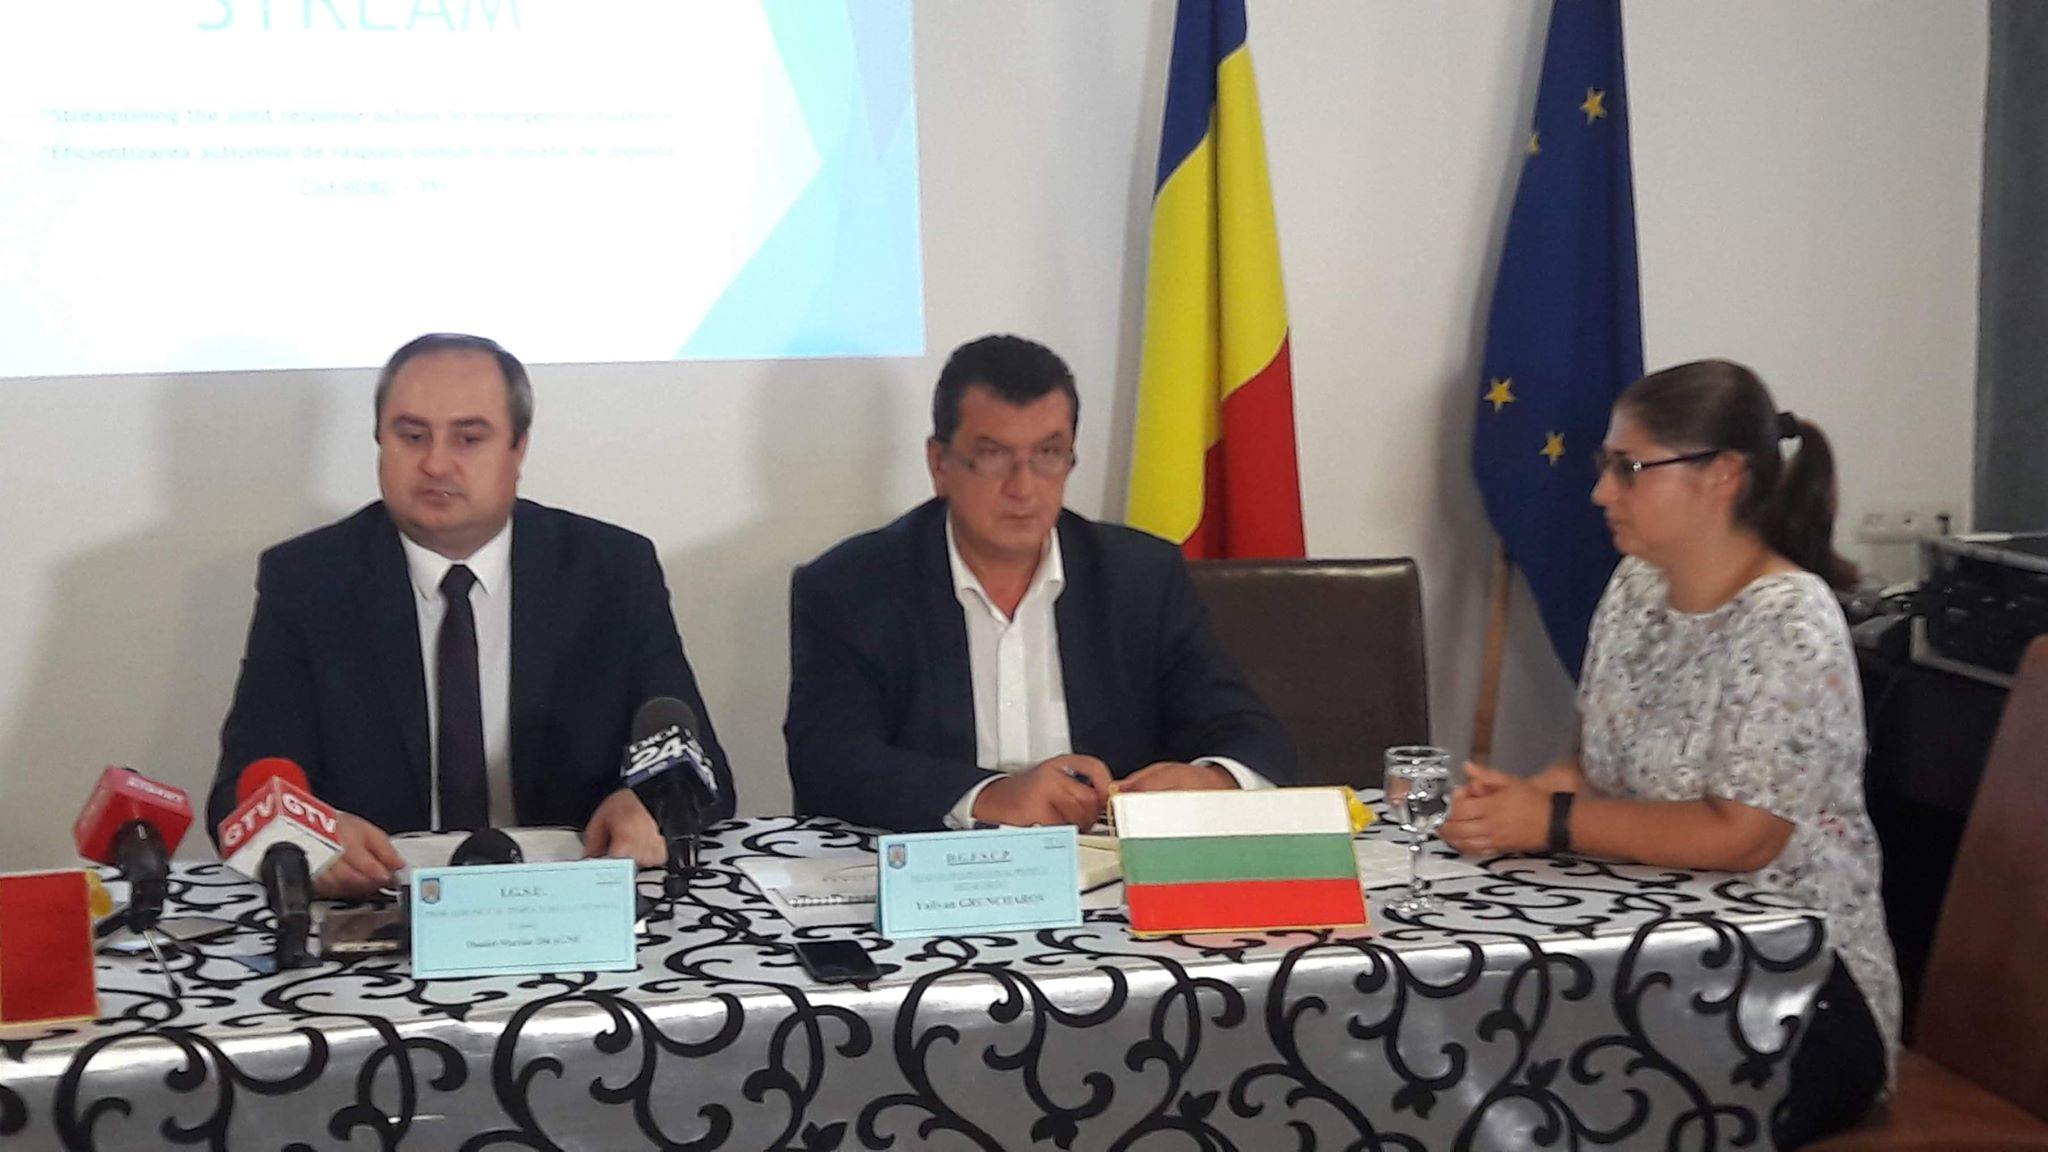 Proiect al Inspectoratului General Pentru Situaţii de Urgenţă, prezentat la Craiova